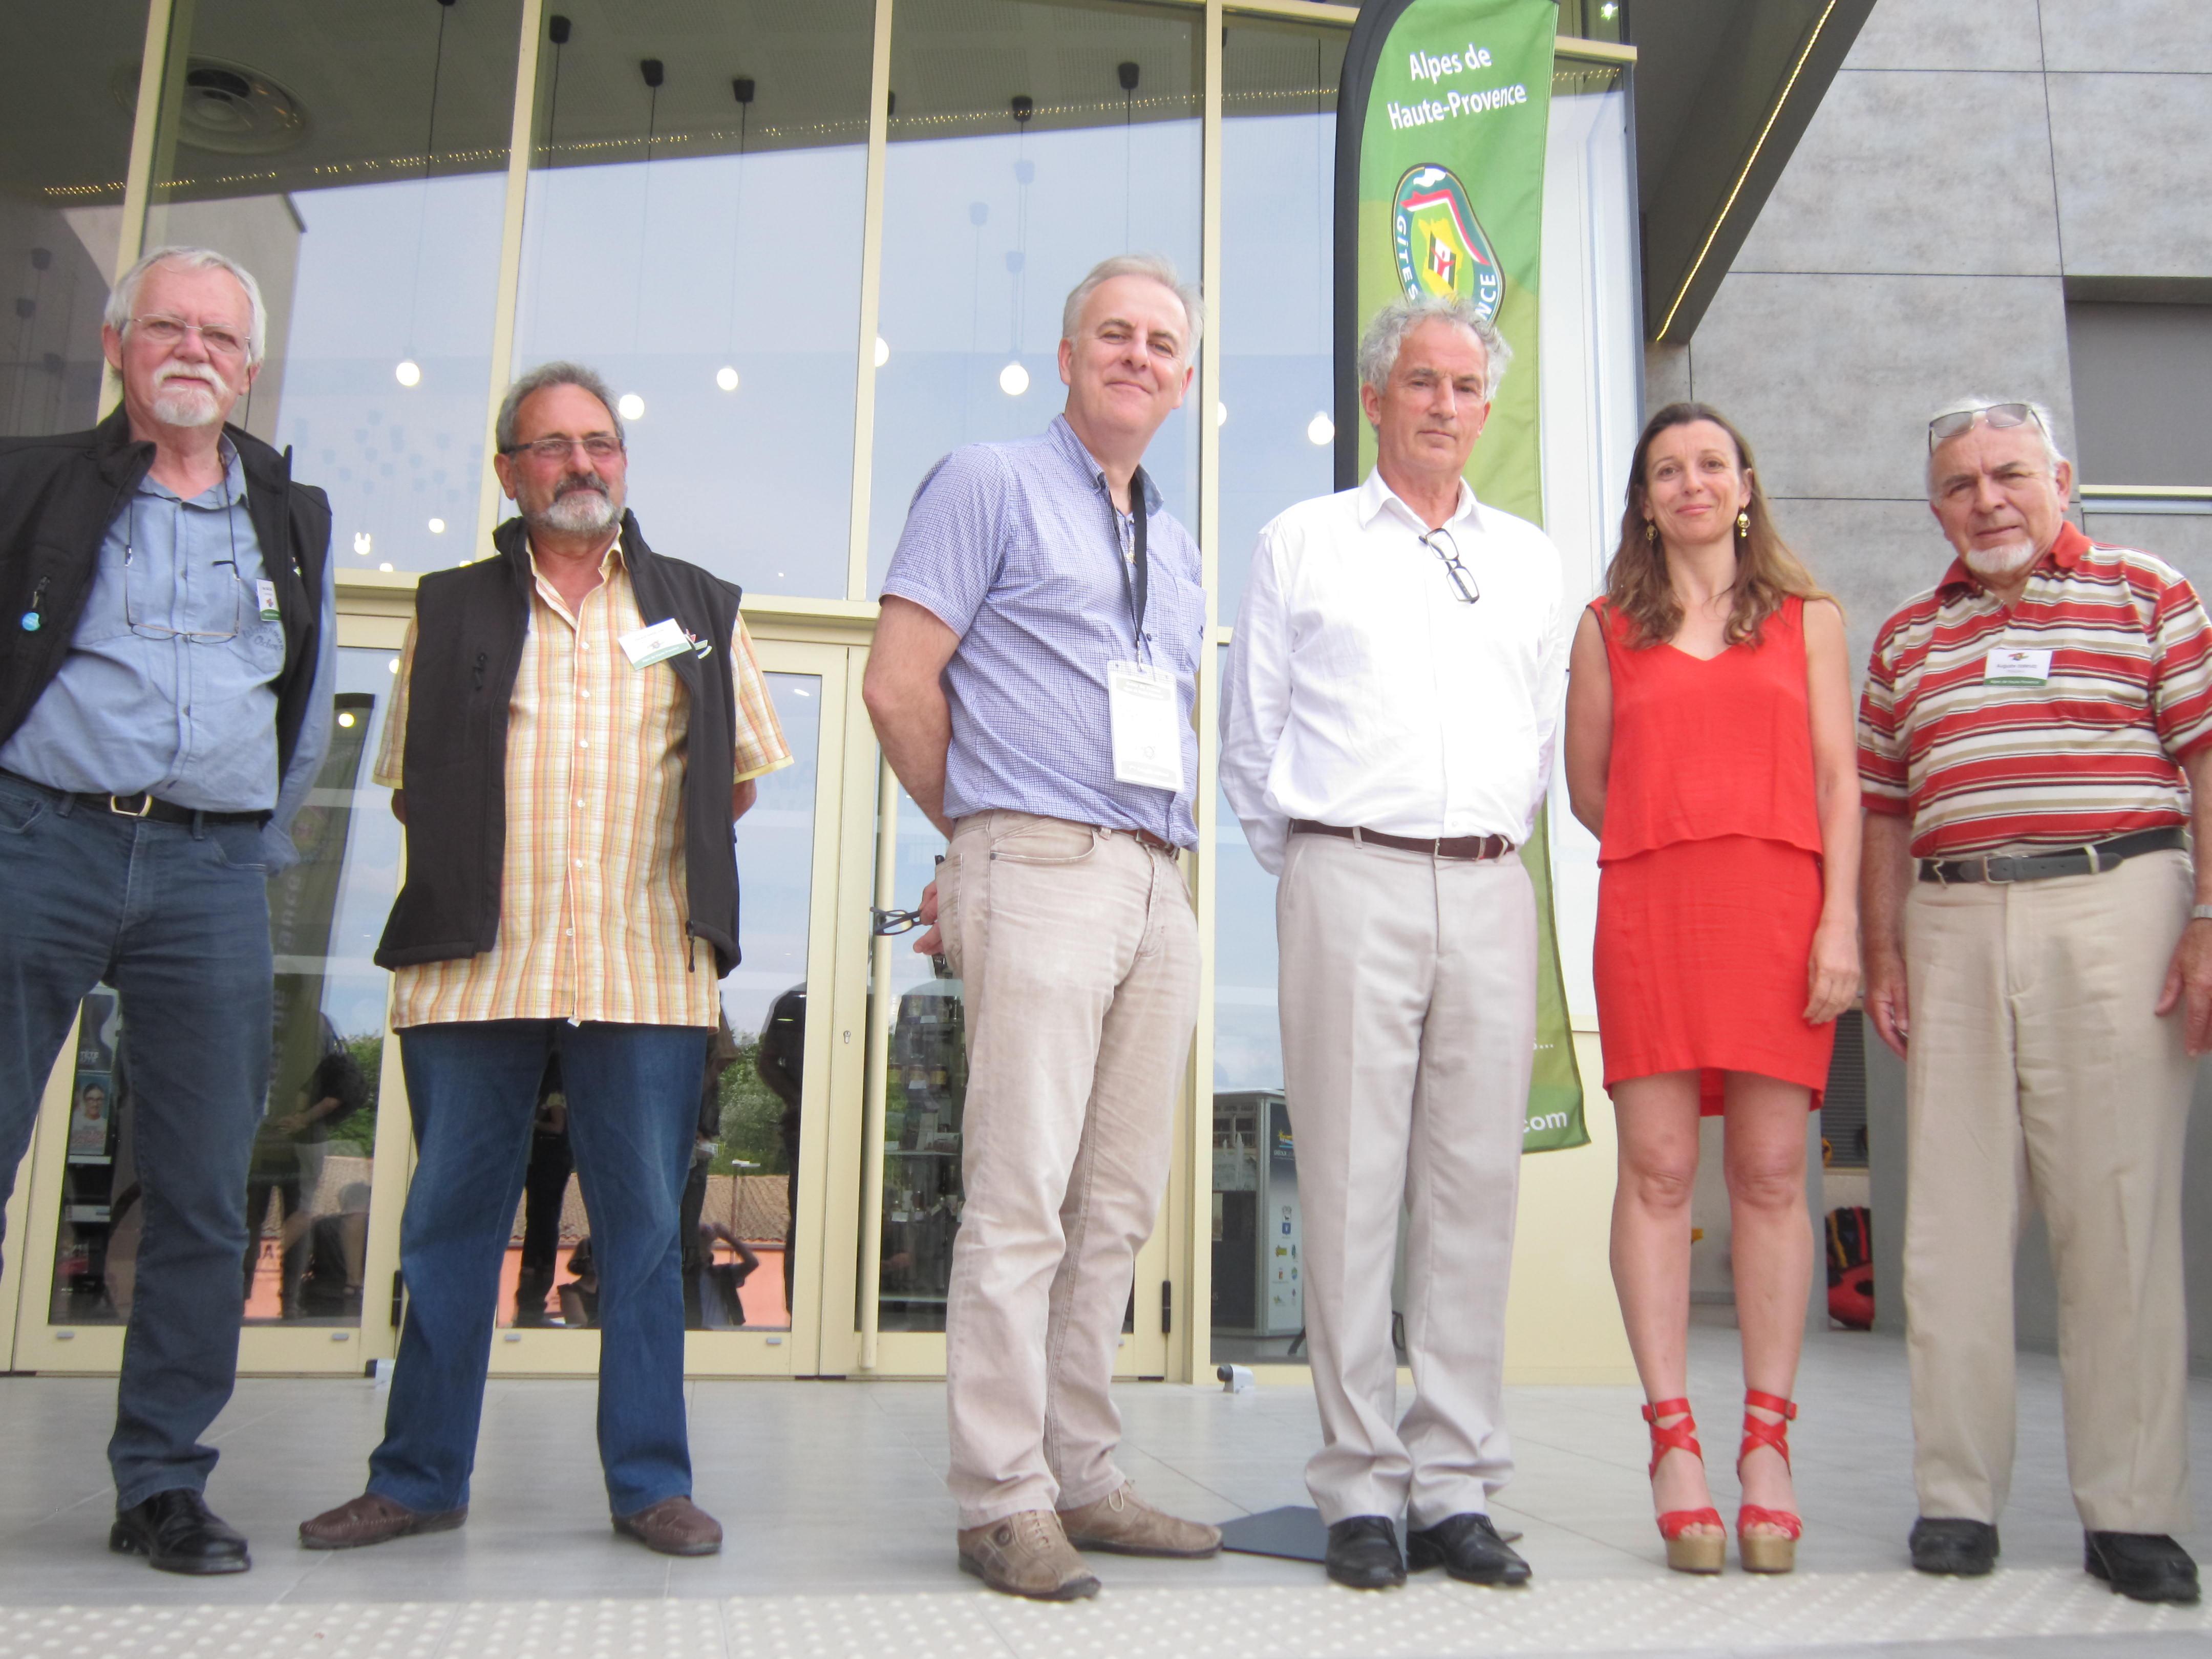 Le congrès national des Gîtes de France à Gréoux-les-Bains